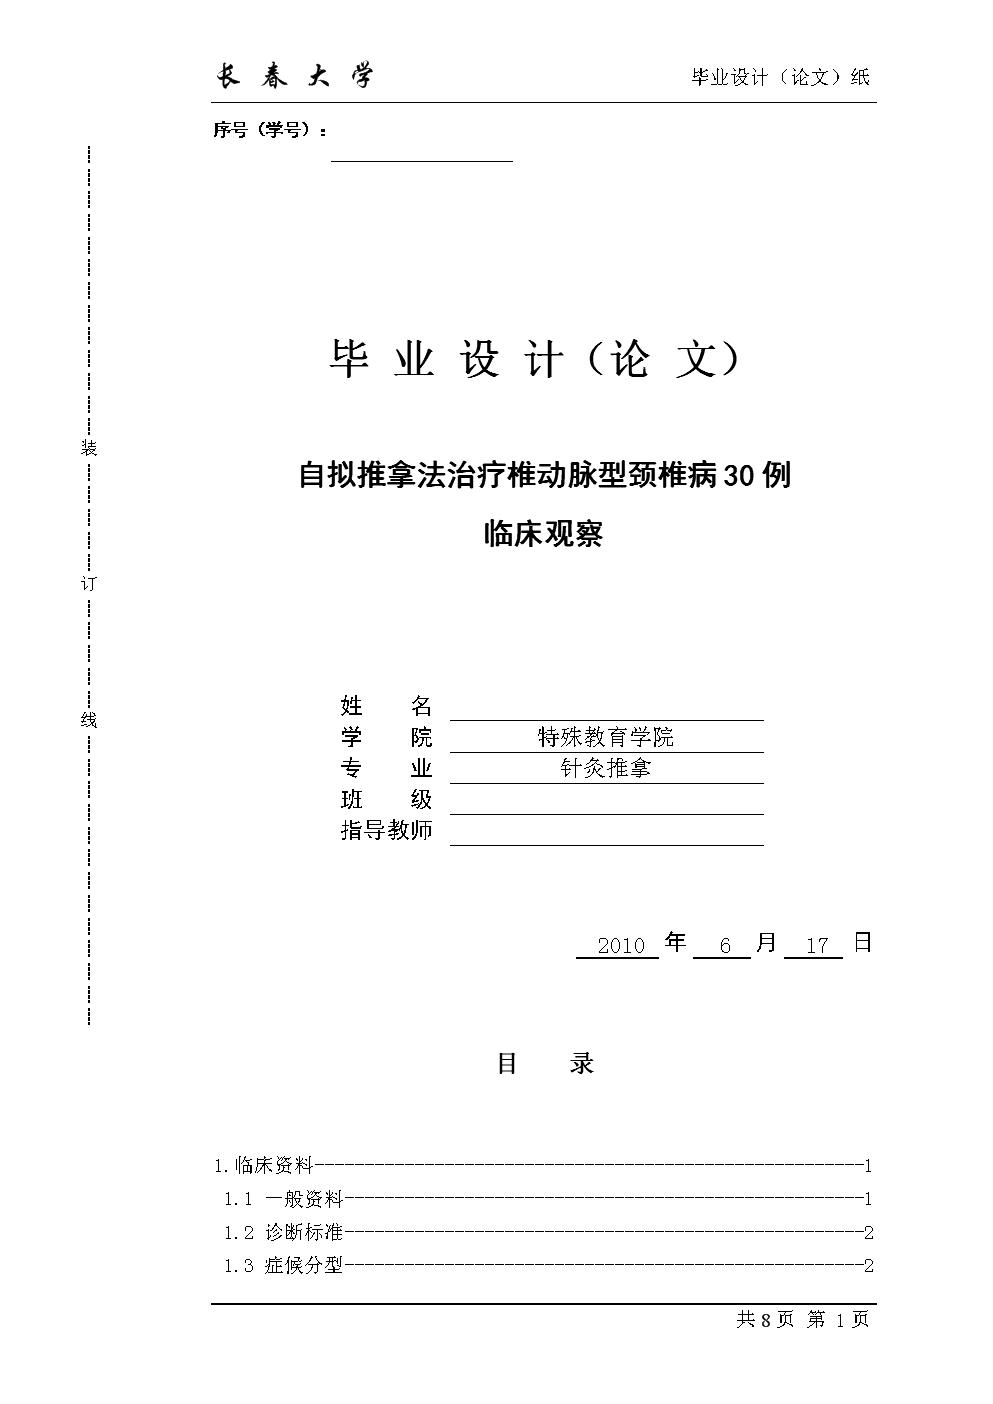 毕业论文-自拟推拿法治疗椎动脉型颈椎病30例临床观察.doc